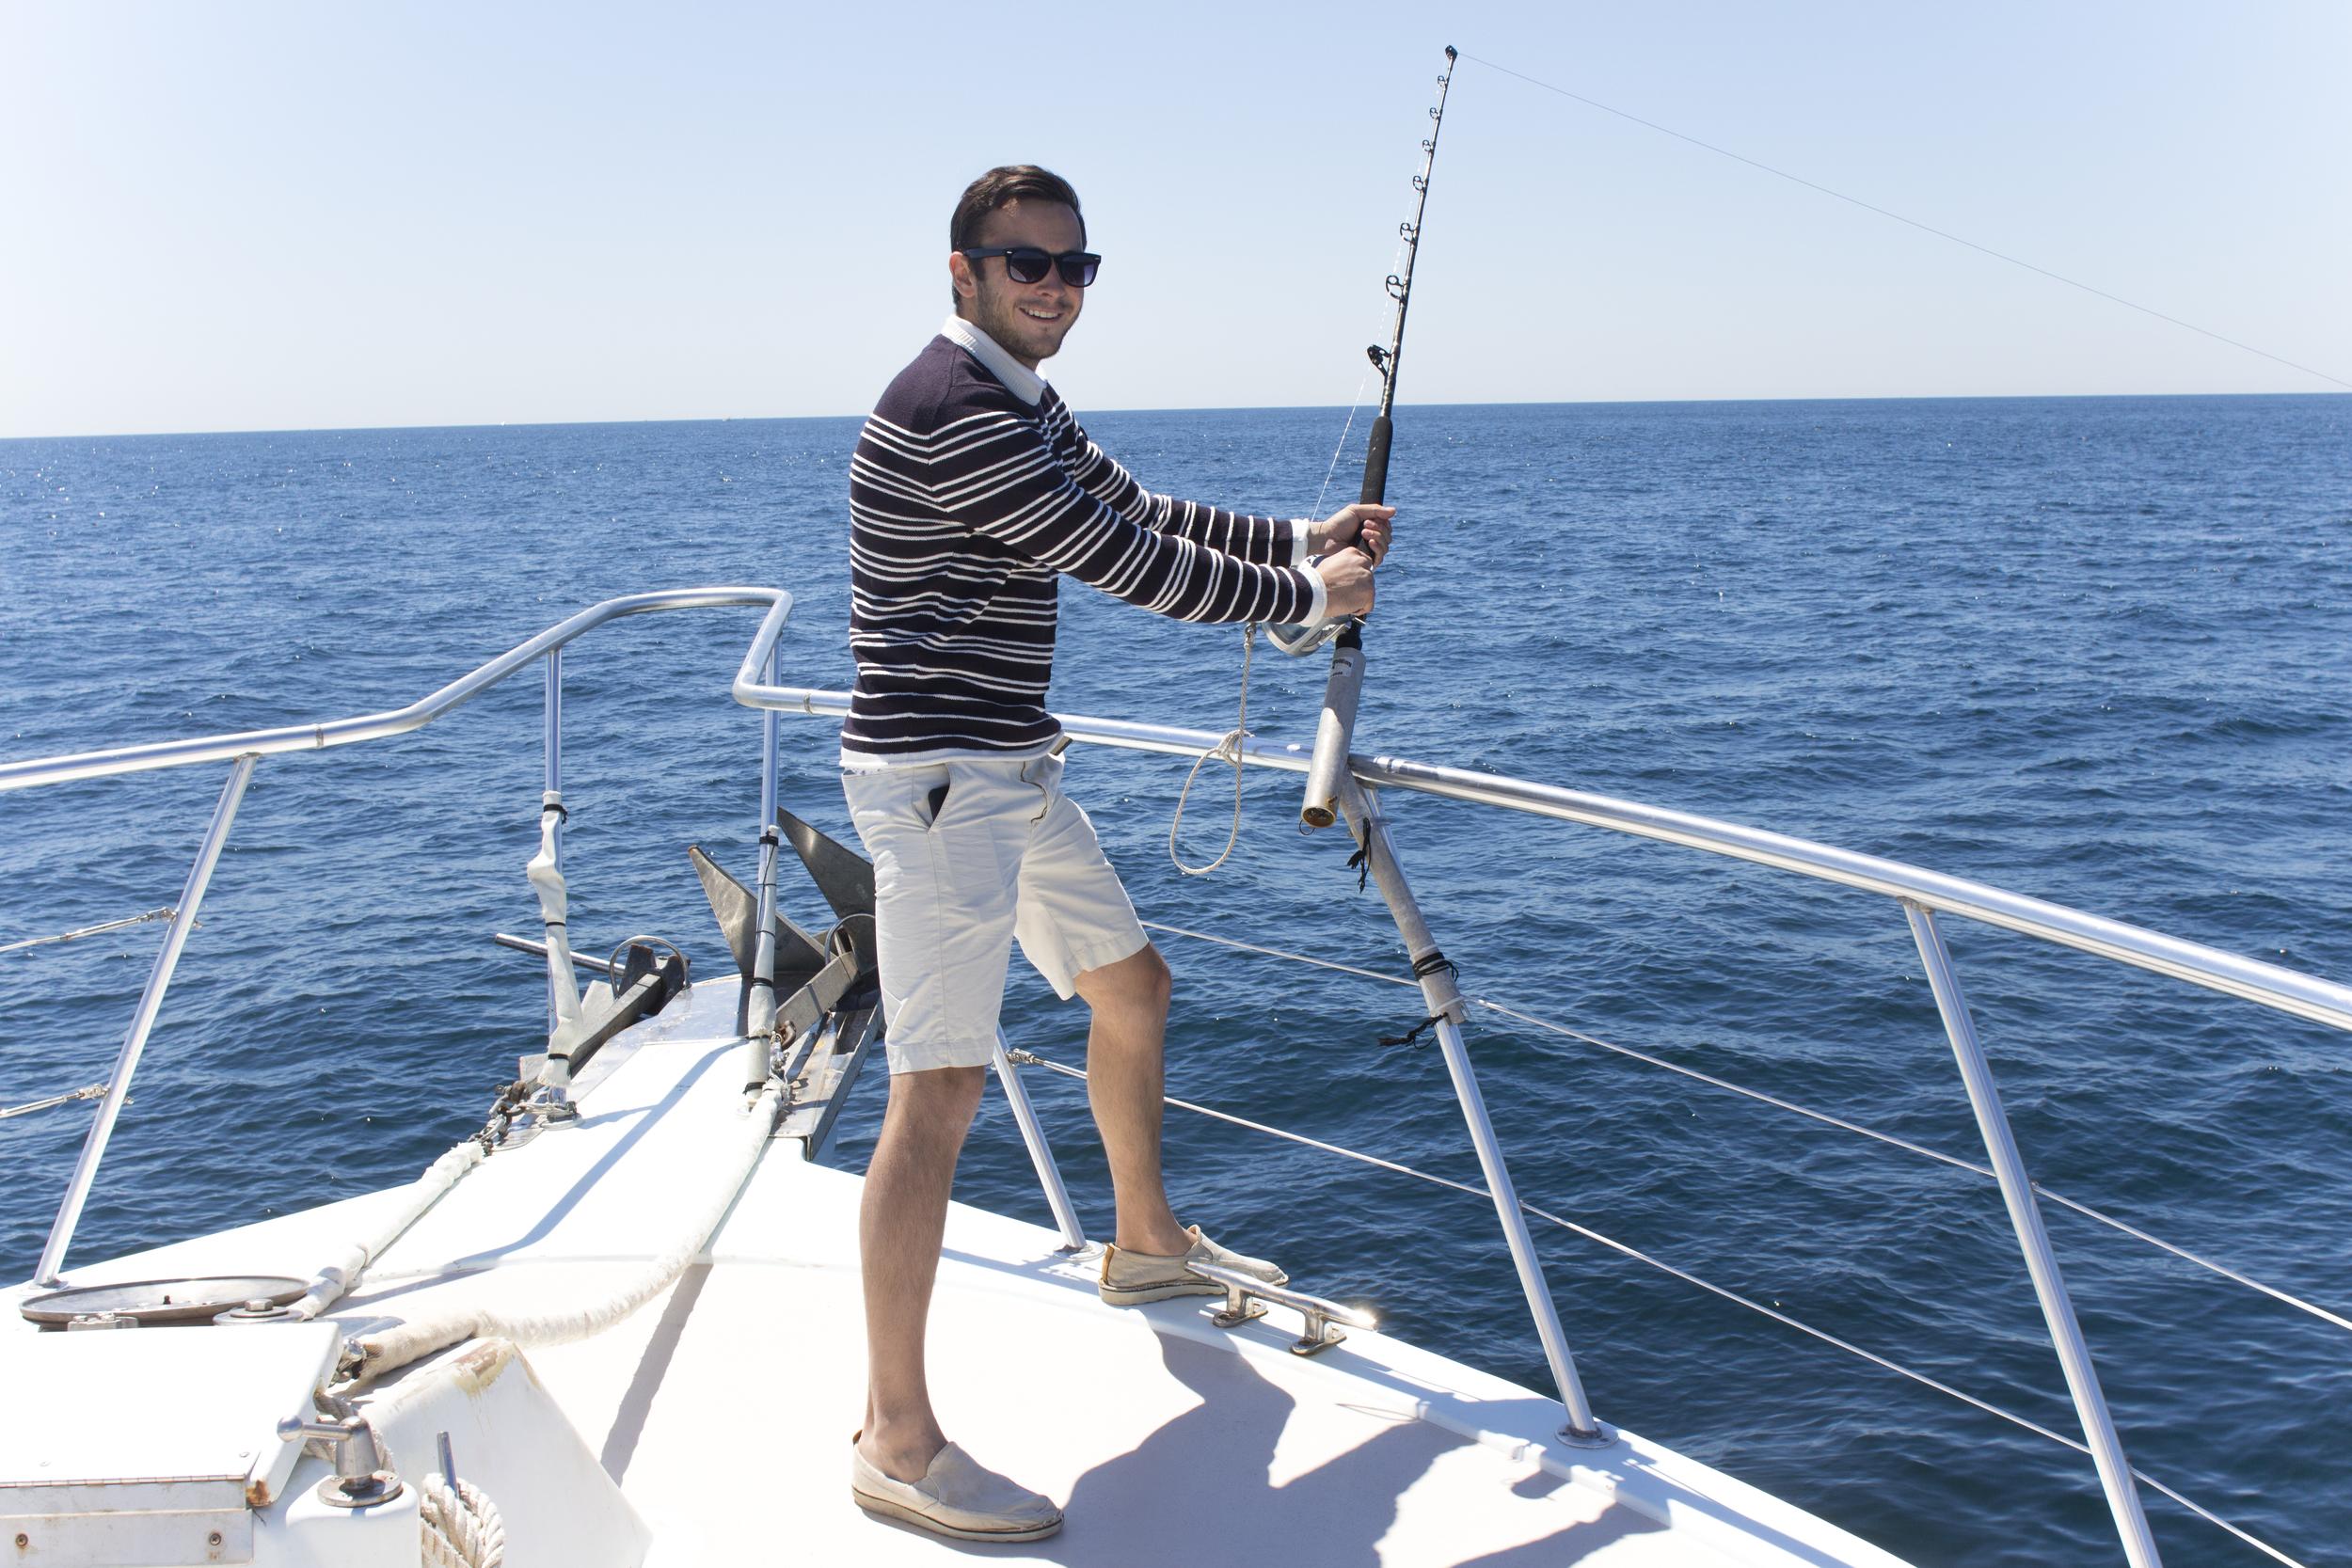 рыбалка_в_атлантике_тур_в_лонг_айленд_экскурсия.jpg